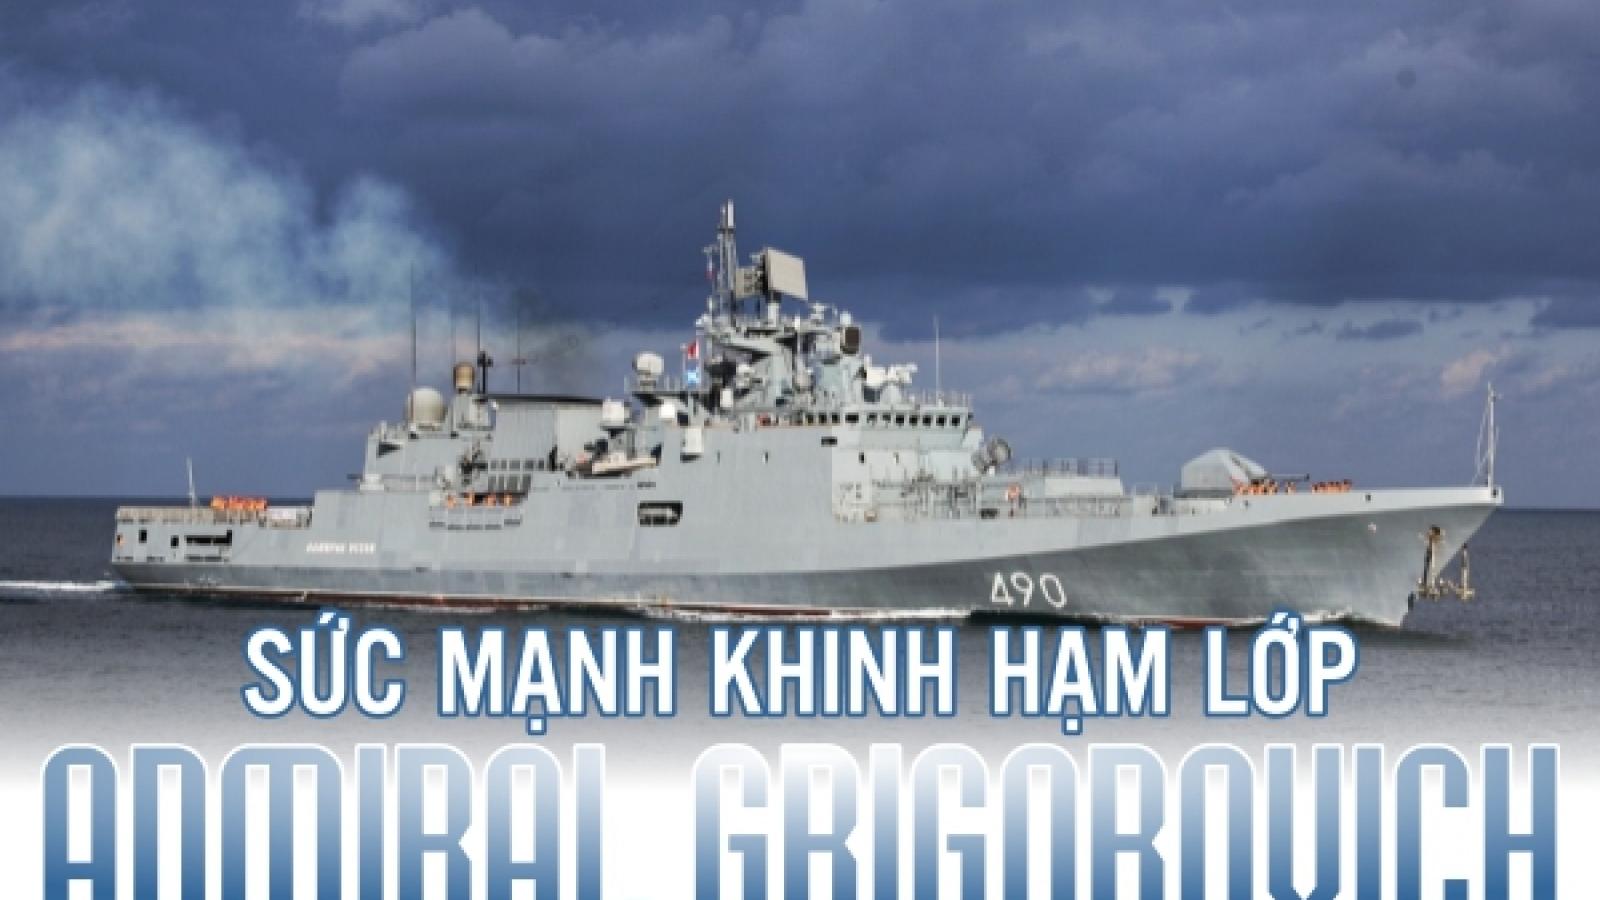 Infographic: Sức mạnh khinh hạm của hải quân Nga bị cách ly khi về từ Syria